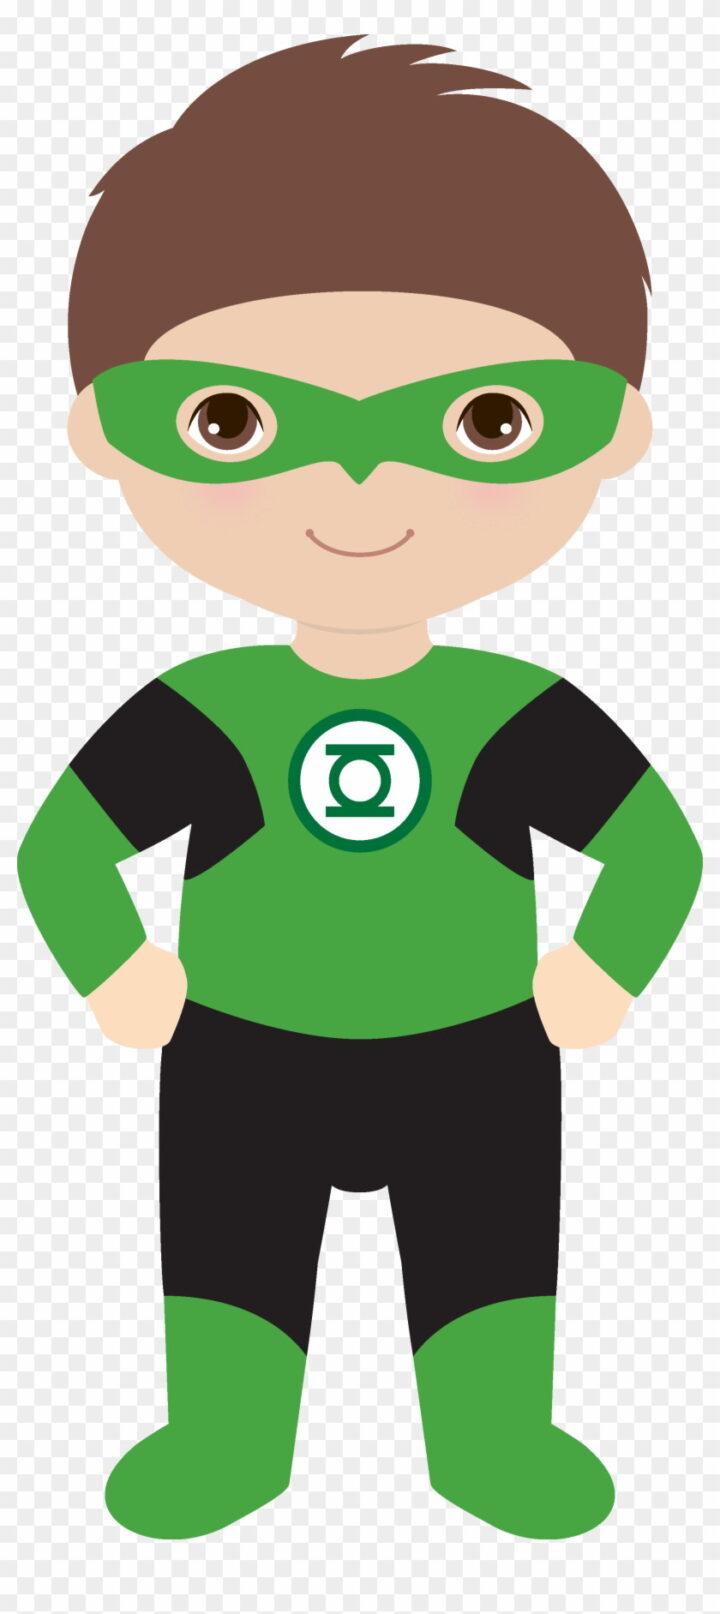 Hero Central Vbs Superhero Party Clip Art Superhero Green.